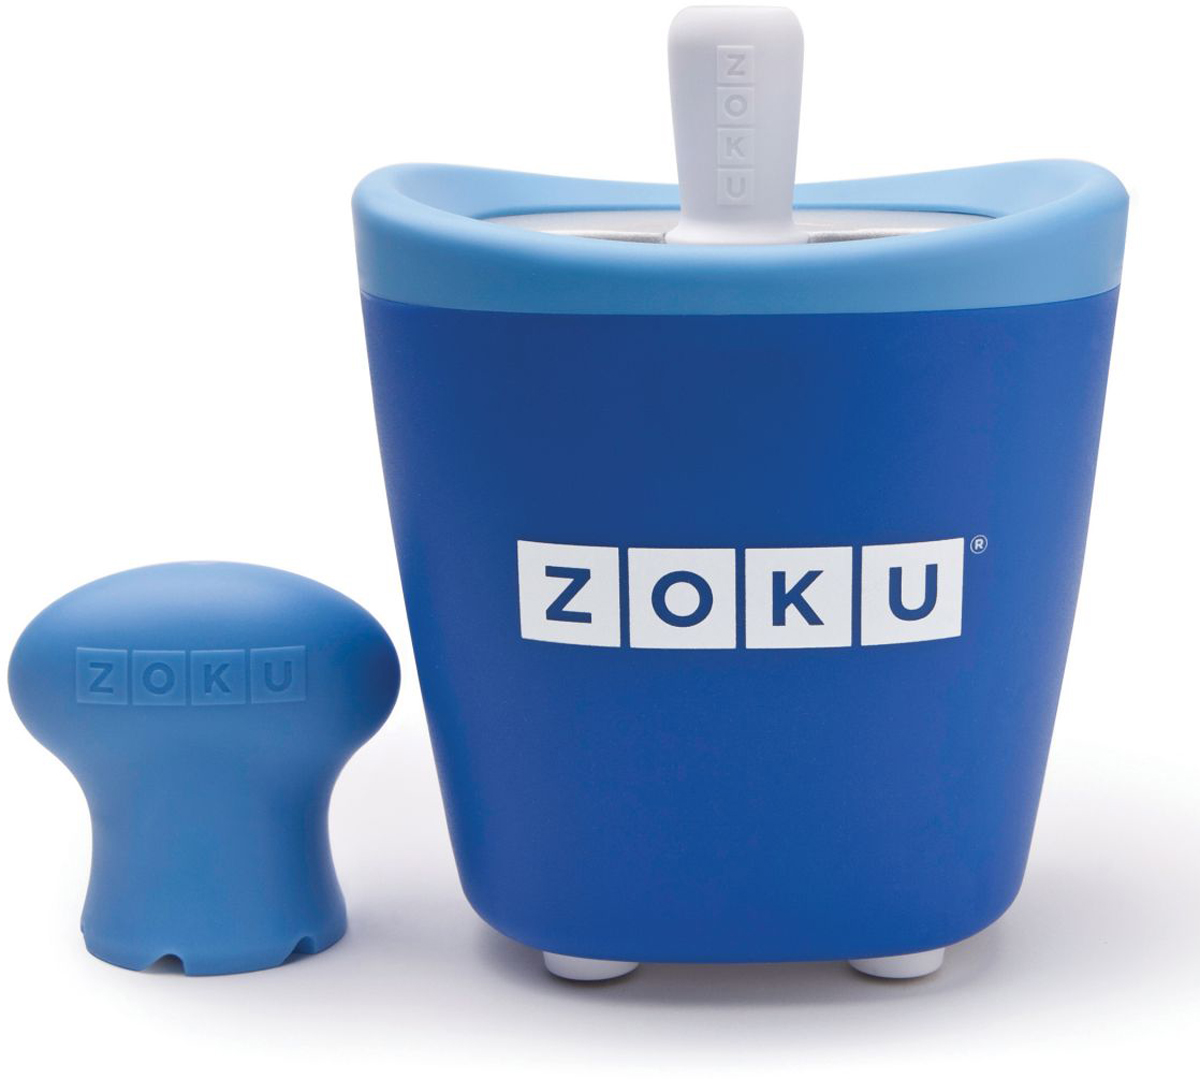 Набор для приготовления мороженого Zoku Single Quick Pop Maker, цвет: синий, 60 мл. ZK110-BLZK110-BLС компактной и удобной формой Quick Pop Maker можно приготовить домашний фруктовый лед из полностью натуральных ингредиентов. В набор помимо формы для мороженого входят три палочки, а к ним три небольших поддона для капель и съемная насадка. Как использовать:1. Поместите пустую форму в морозильную камеру на 24 часа. Форма должна быть абсолютно сухой и располагаться вертикально.2. Через сутки вытащите форму из морозилки и вставьте в нее палочки. Залейте охлажденный сок в емкость до отметки. Через 7-10 минут фруктовый лед готов.3. Поместите съемную насадку на палочку и закрутите по часовой стрелке до упора. Когда ручка начнет свободно крутиться, смените направление и откручивайте против часовой стрелки, чтобы вытащить мороженое из формы.Объем одной емкости - 60 мл. Форма не содержит вредных примесей и бисфенола-А. Устройство работает без электричества и позволяет приготовить до 3 порций от одной заморозки. Моется вручную. Не используйте простую и газированную воду или полностью пресные напитки без сахара в приборе Quick Pop. В результате использования воды или напитков без сахара будет крайне тяжело достать продукт из прибора, а также можно повредить насадку или палочку.